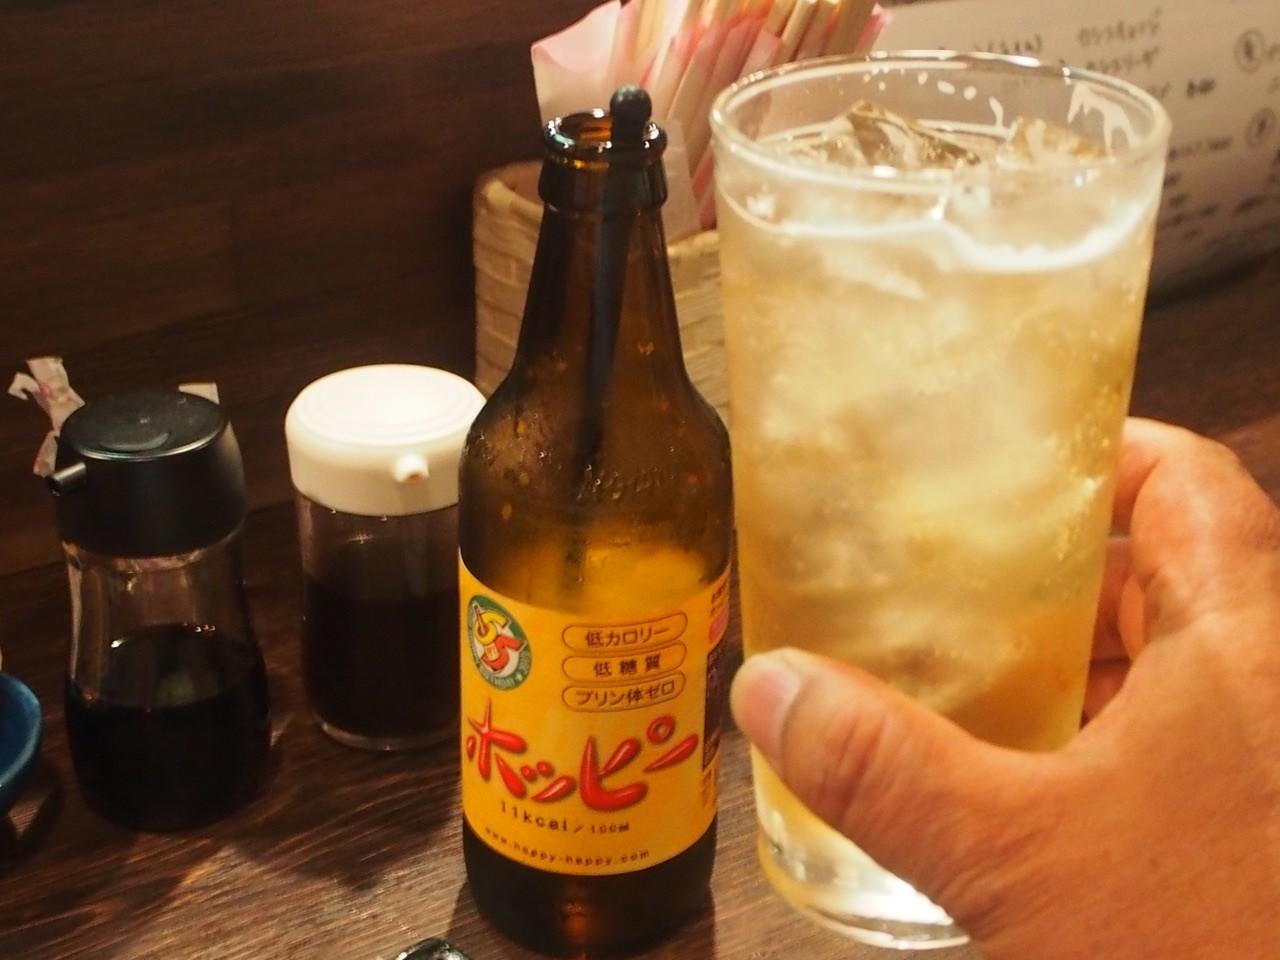 大阪居酒屋Nanchat亭的eri